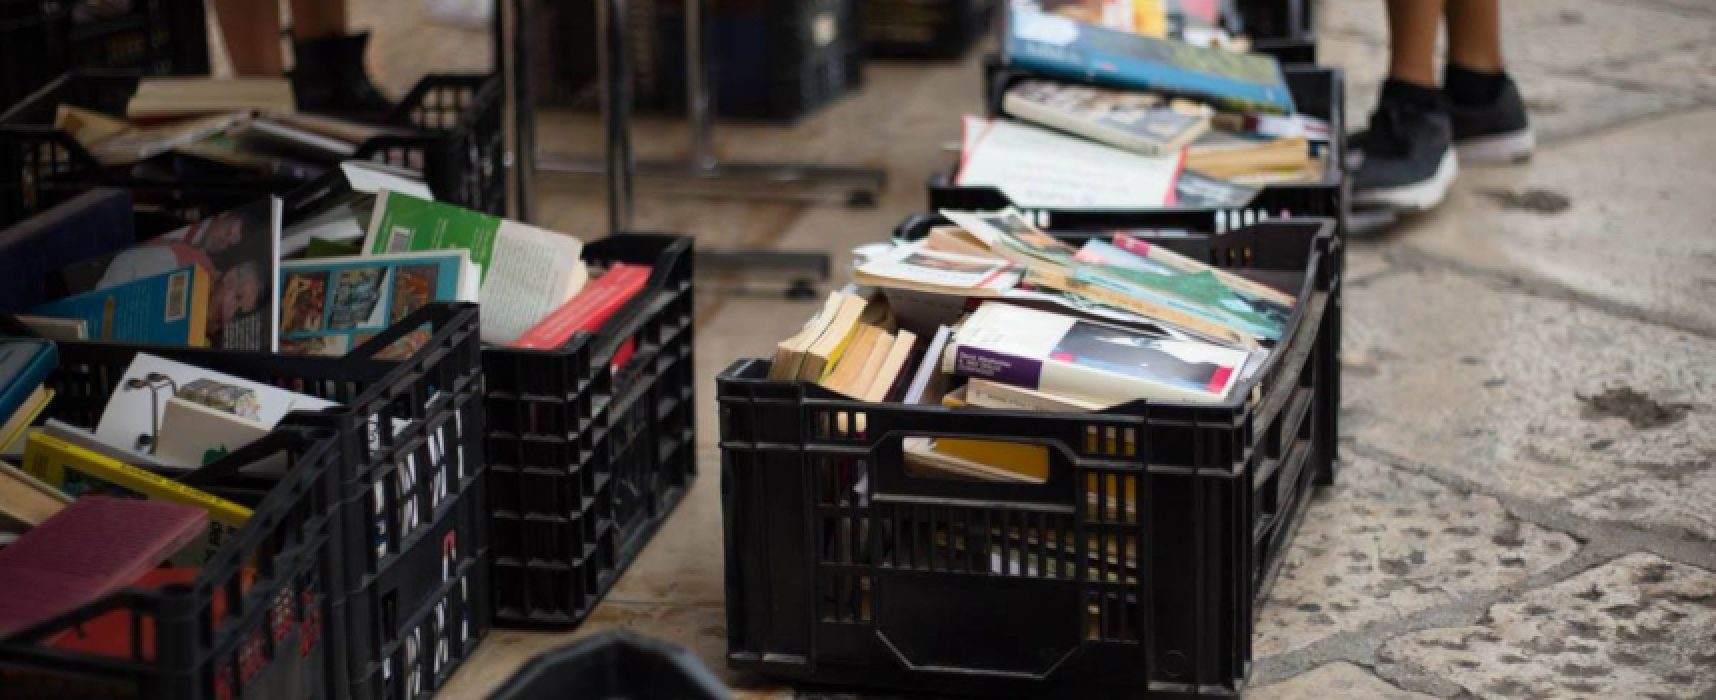 """Campagna riciclo materiali, Borgo Antico: """"Se i libri sono un rifiuto, li smaltiamo noi"""""""